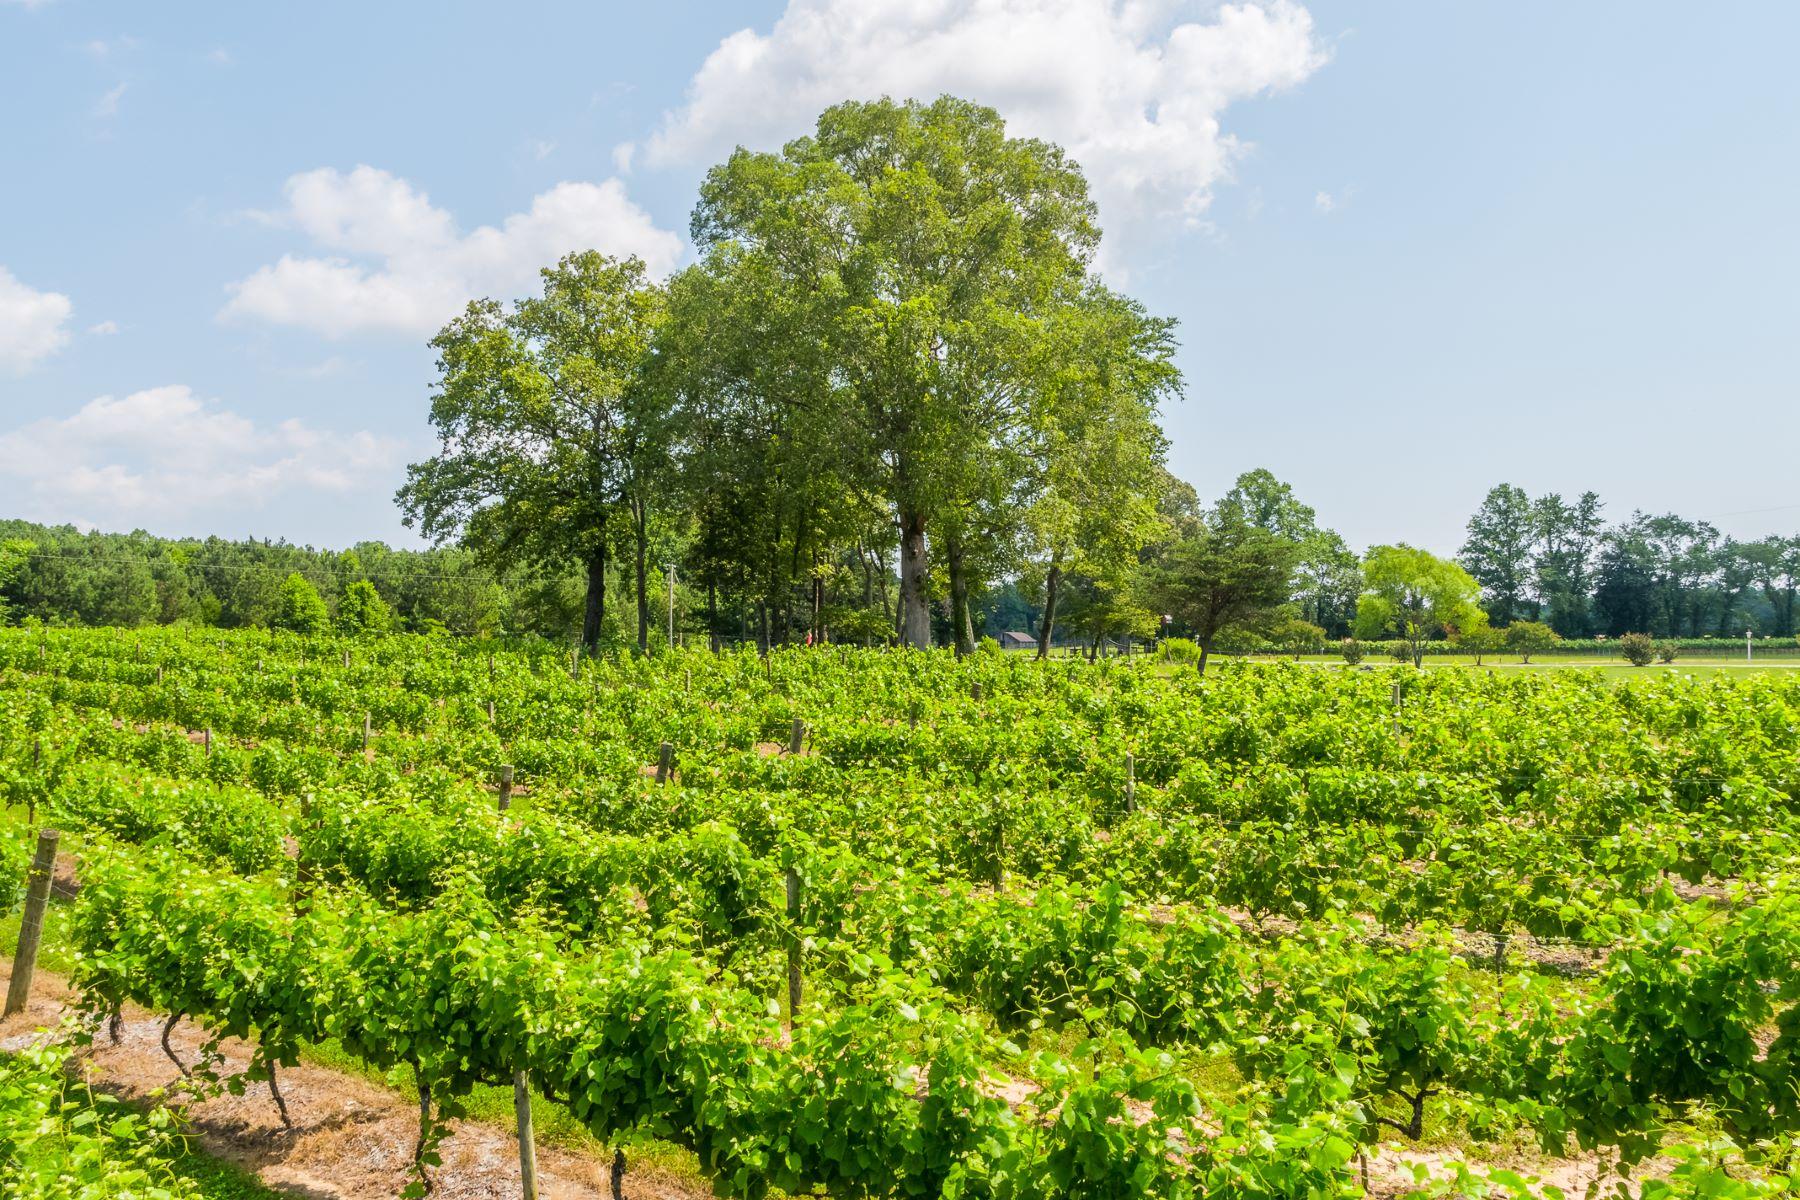 Vineyard Real Estate para Venda às 1025 Goodluck Road, Kilmarnock, VA 22482 Kilmarnock, Virginia 22482 Estados Unidos